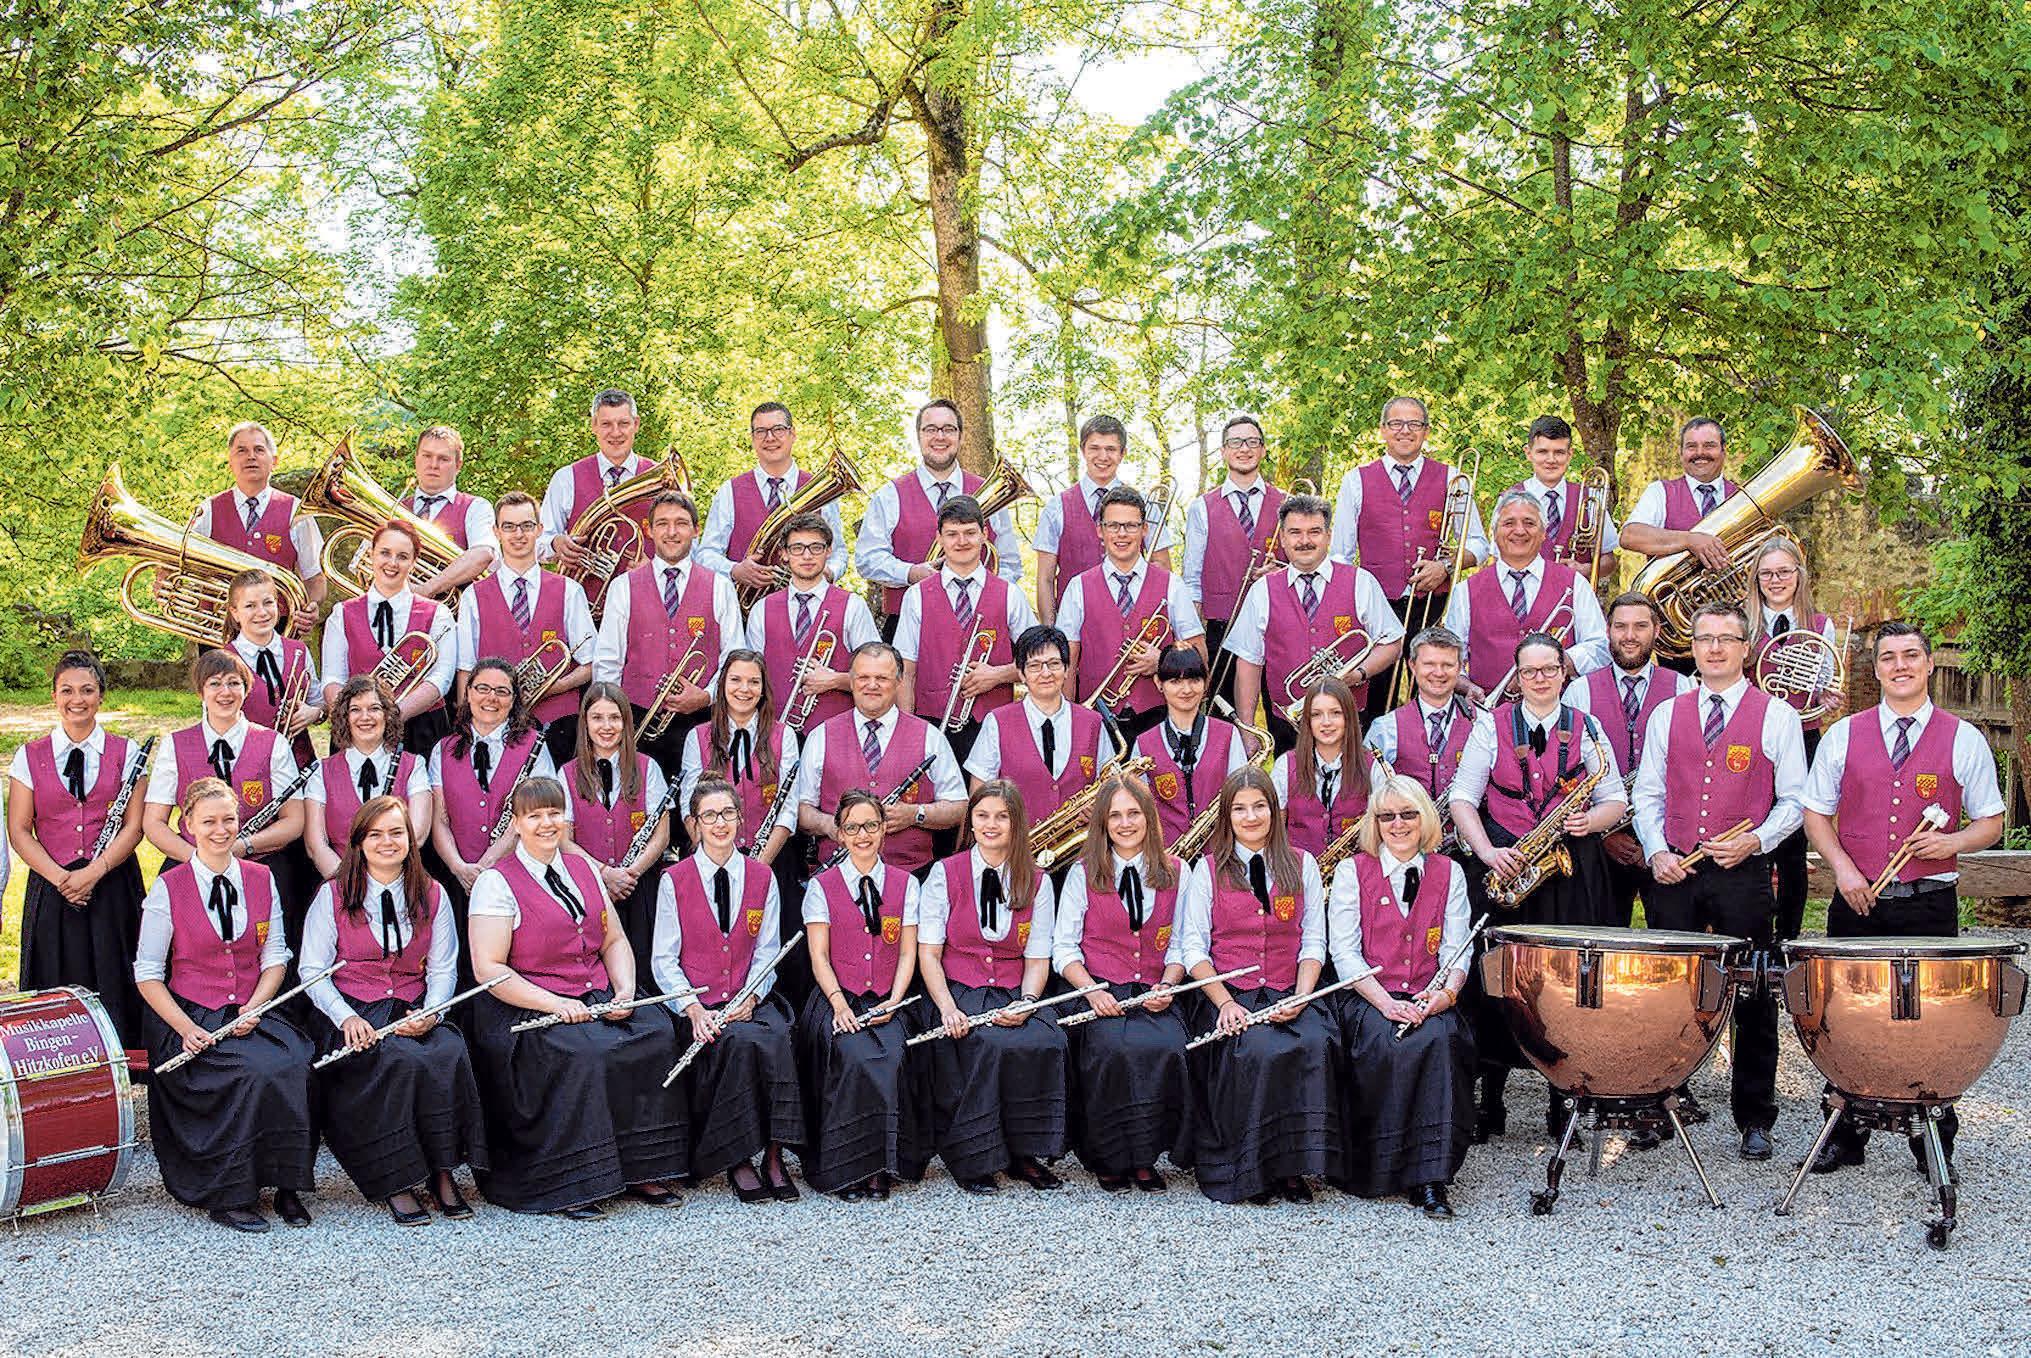 Die Musikkapelle Bingen-Hitzkofen e.V. lädt bereits zum 34. Mal zu ihrem beliebten Weinfest in die Binger Sandbühl-Halle ein. FOTO: LÖBE